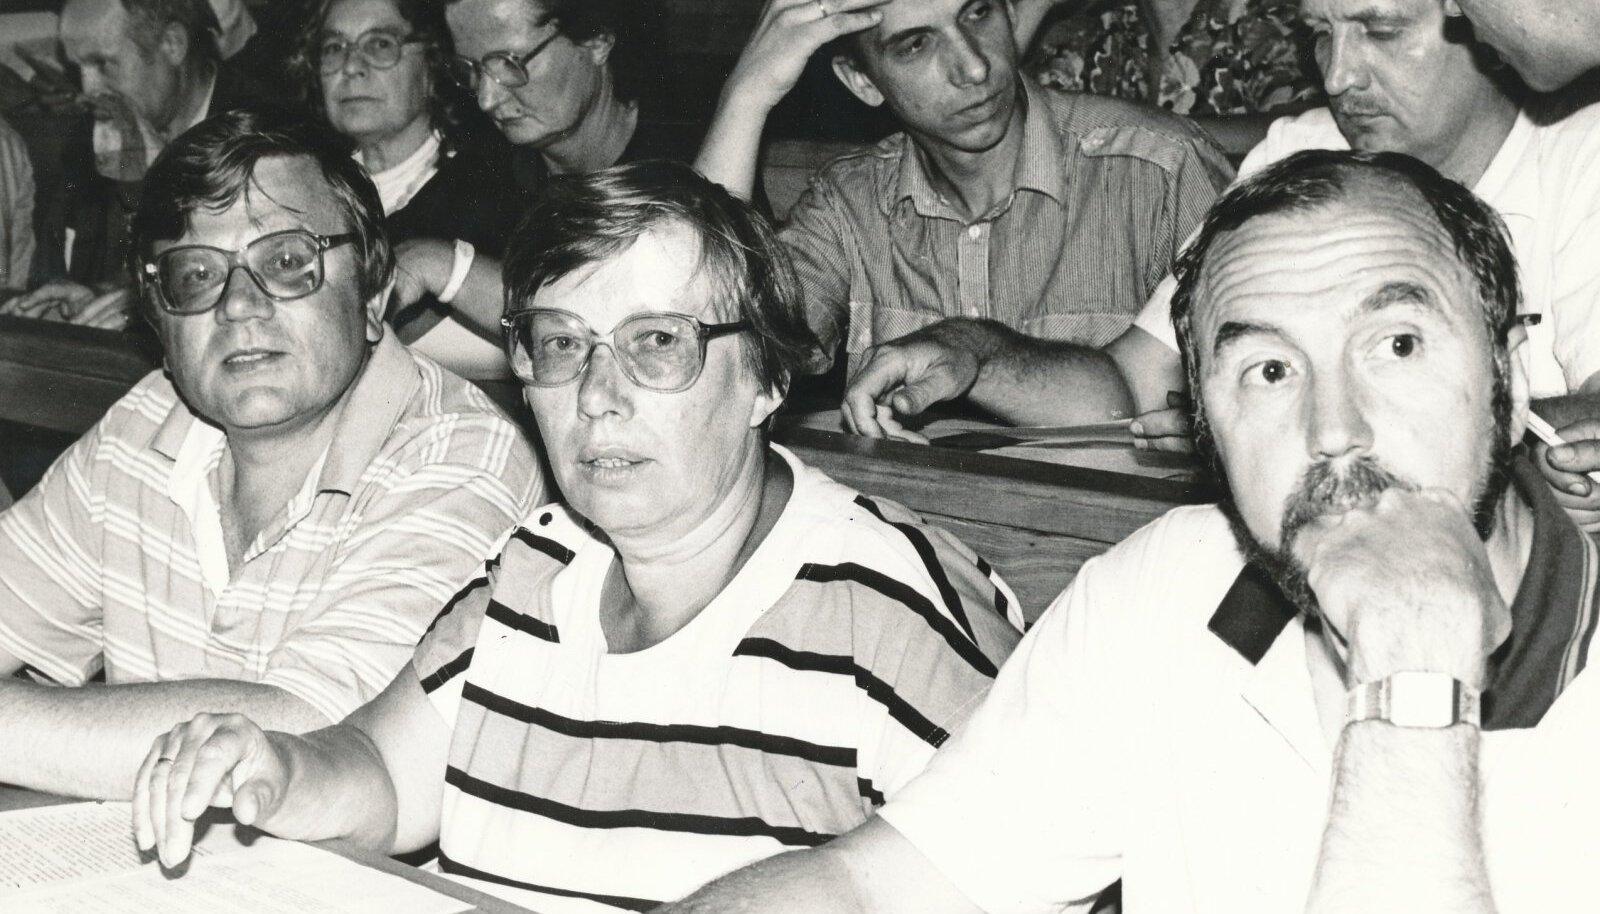 Peeter Vihalemm, Marju Lauristin ja Rein Veidemann